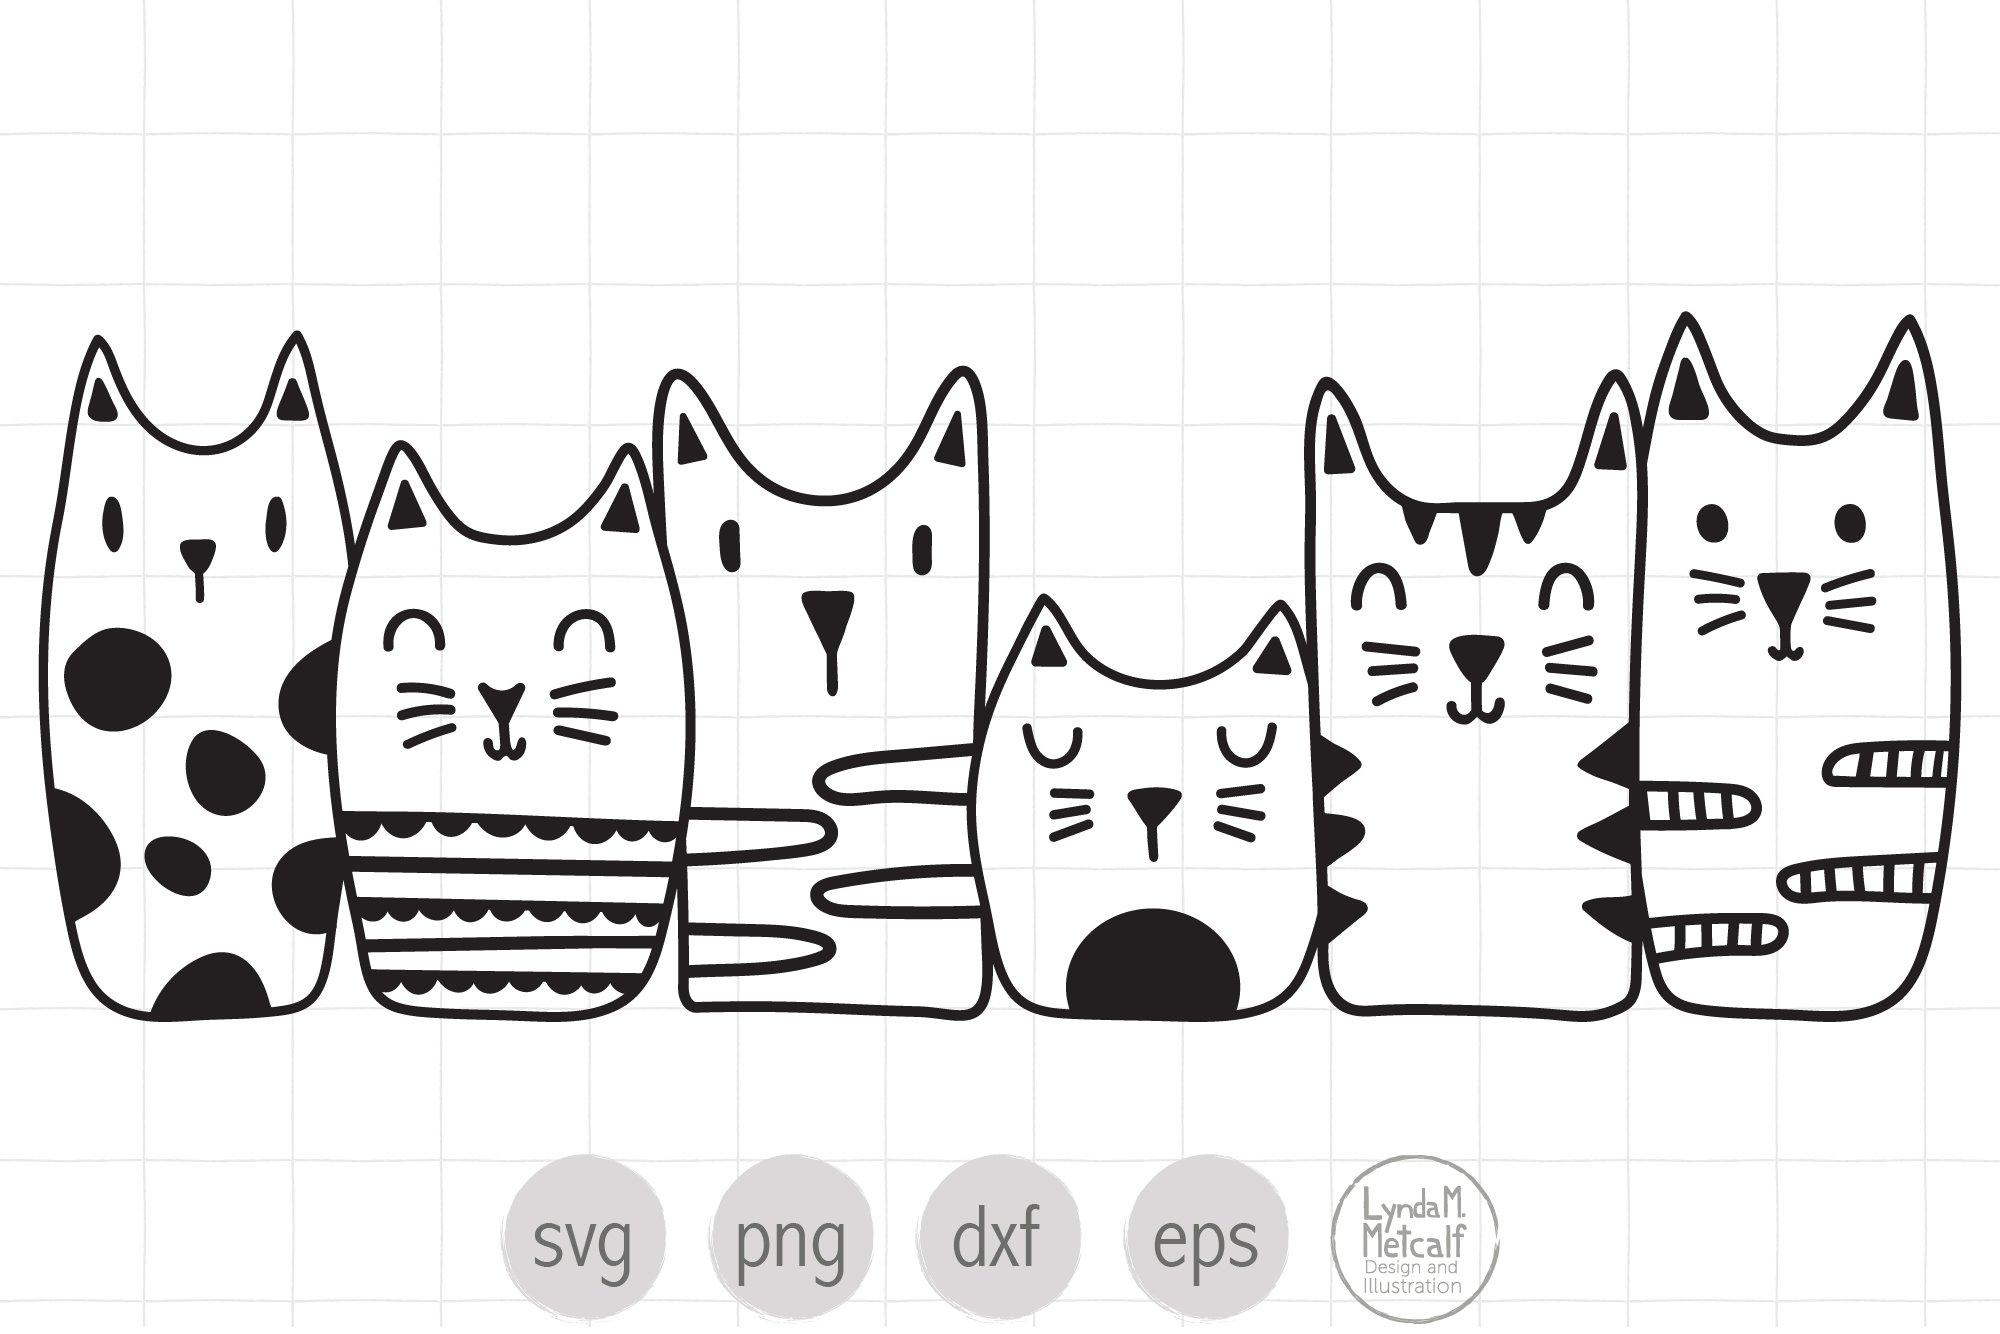 Cats Vector Image Dfx Png Line Art Cats Clipart Cricut Cut Files Cat Image Cat SVG File Stylized Cat Silhouette Svg Silhouette Files